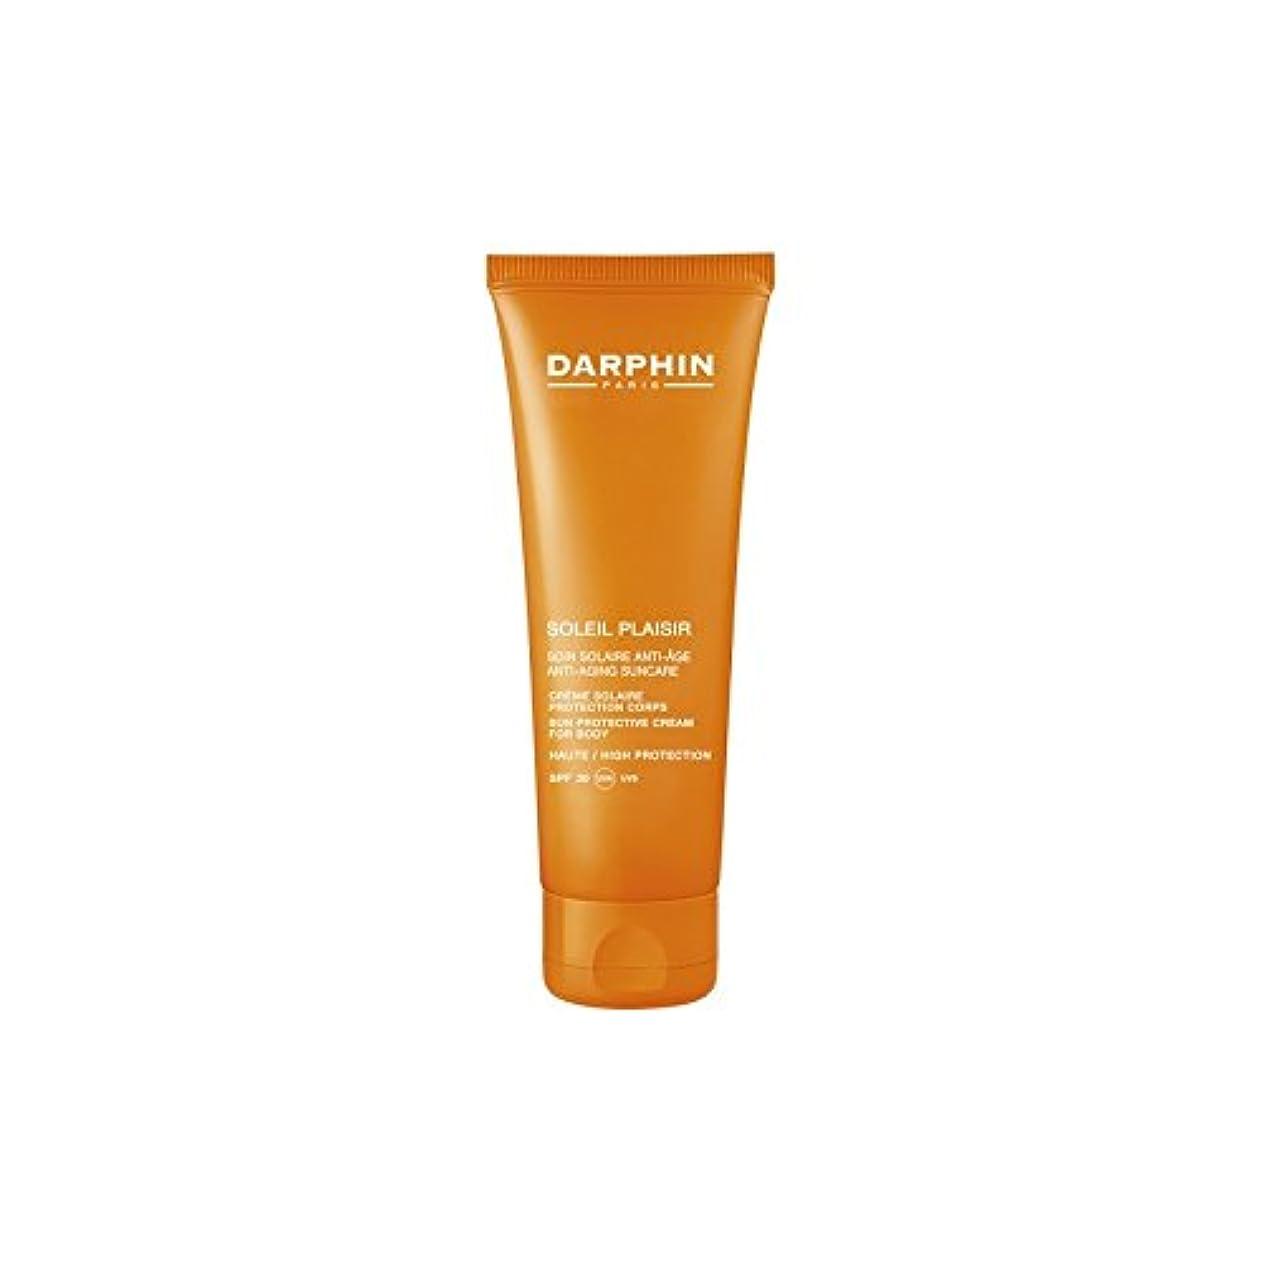 ステレオ体表示Darphin Soleil Plaisir Body Cream - ダルファンソレイユプレジールボディクリーム [並行輸入品]